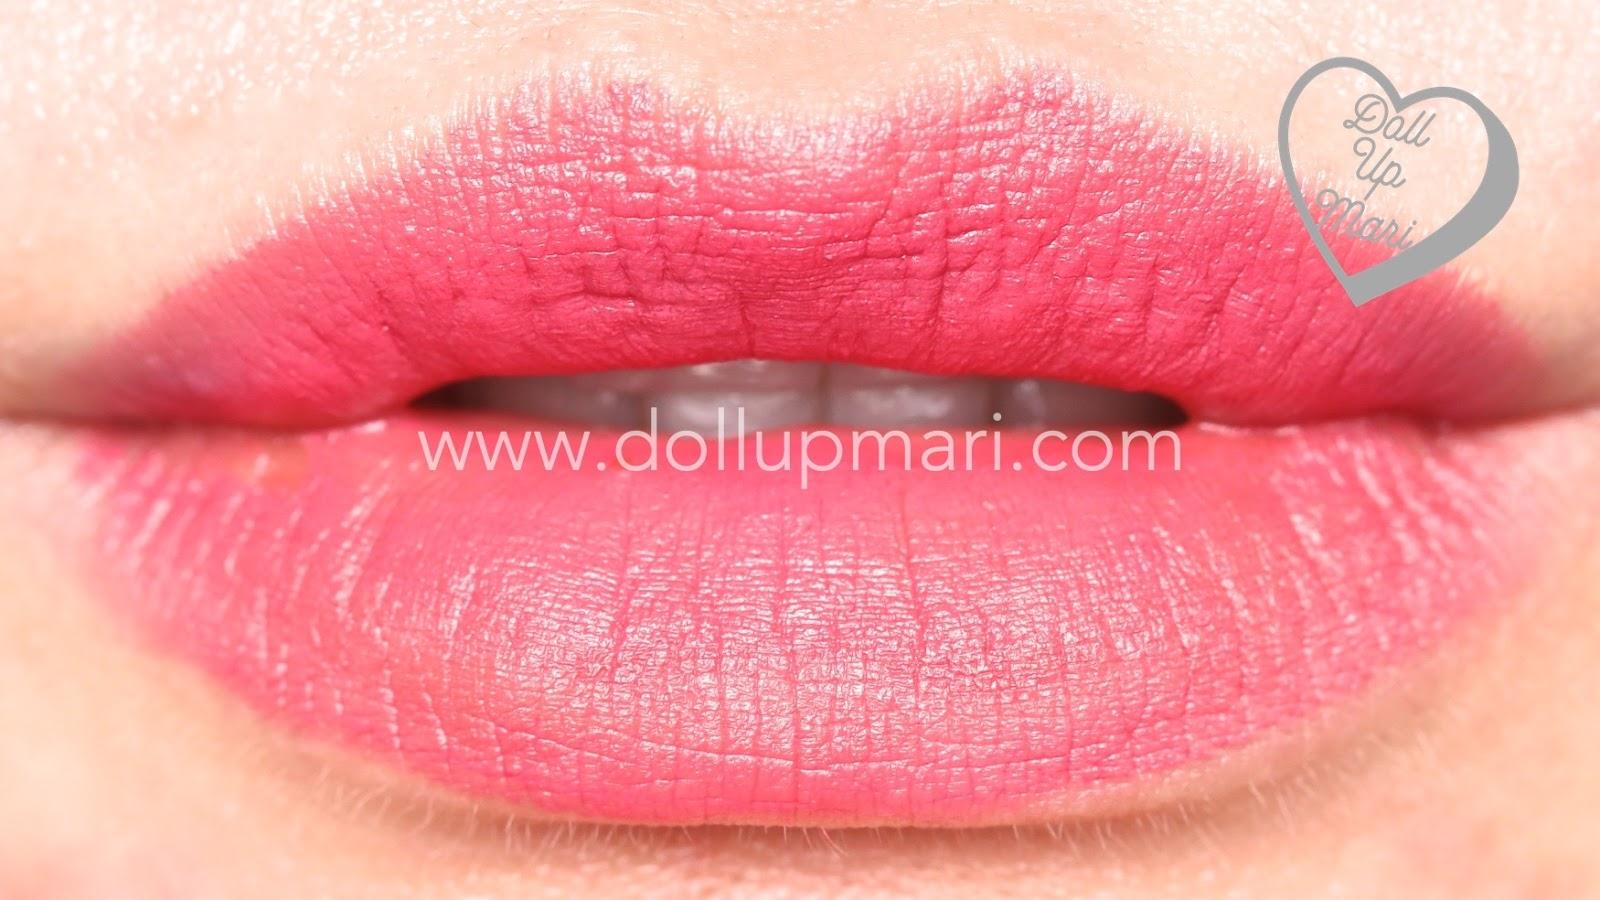 Lip Swatch of Mauve Matters shade of AVON Perfectly Matte Lipstick